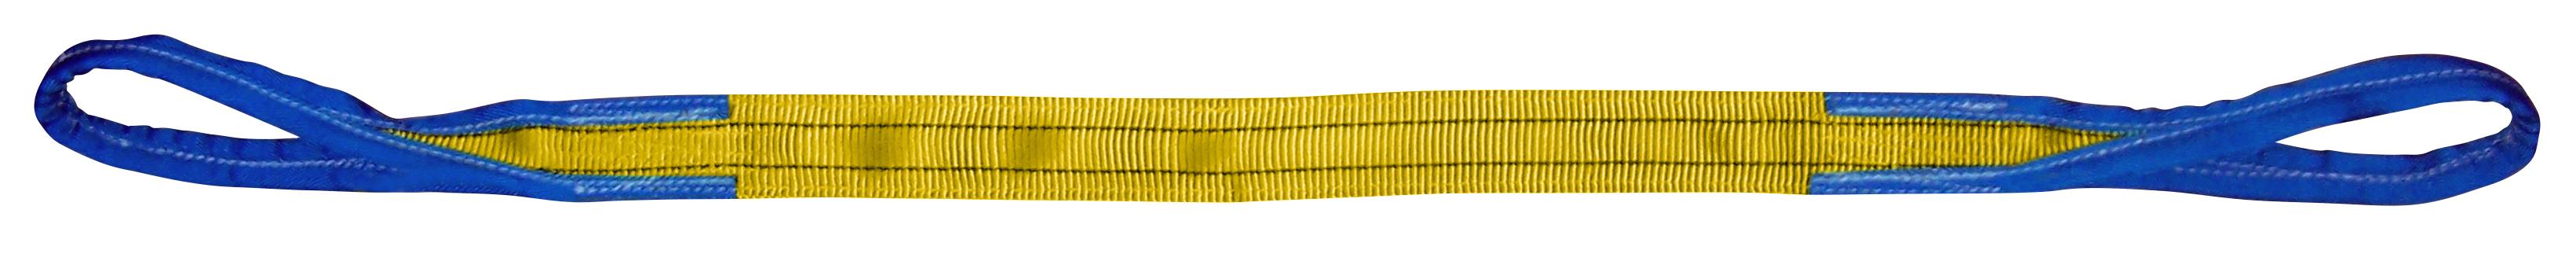 Hebeband 2 -lagig, vollverstärkte Schlaufen, Tragfähigkeit 3 Tonnen